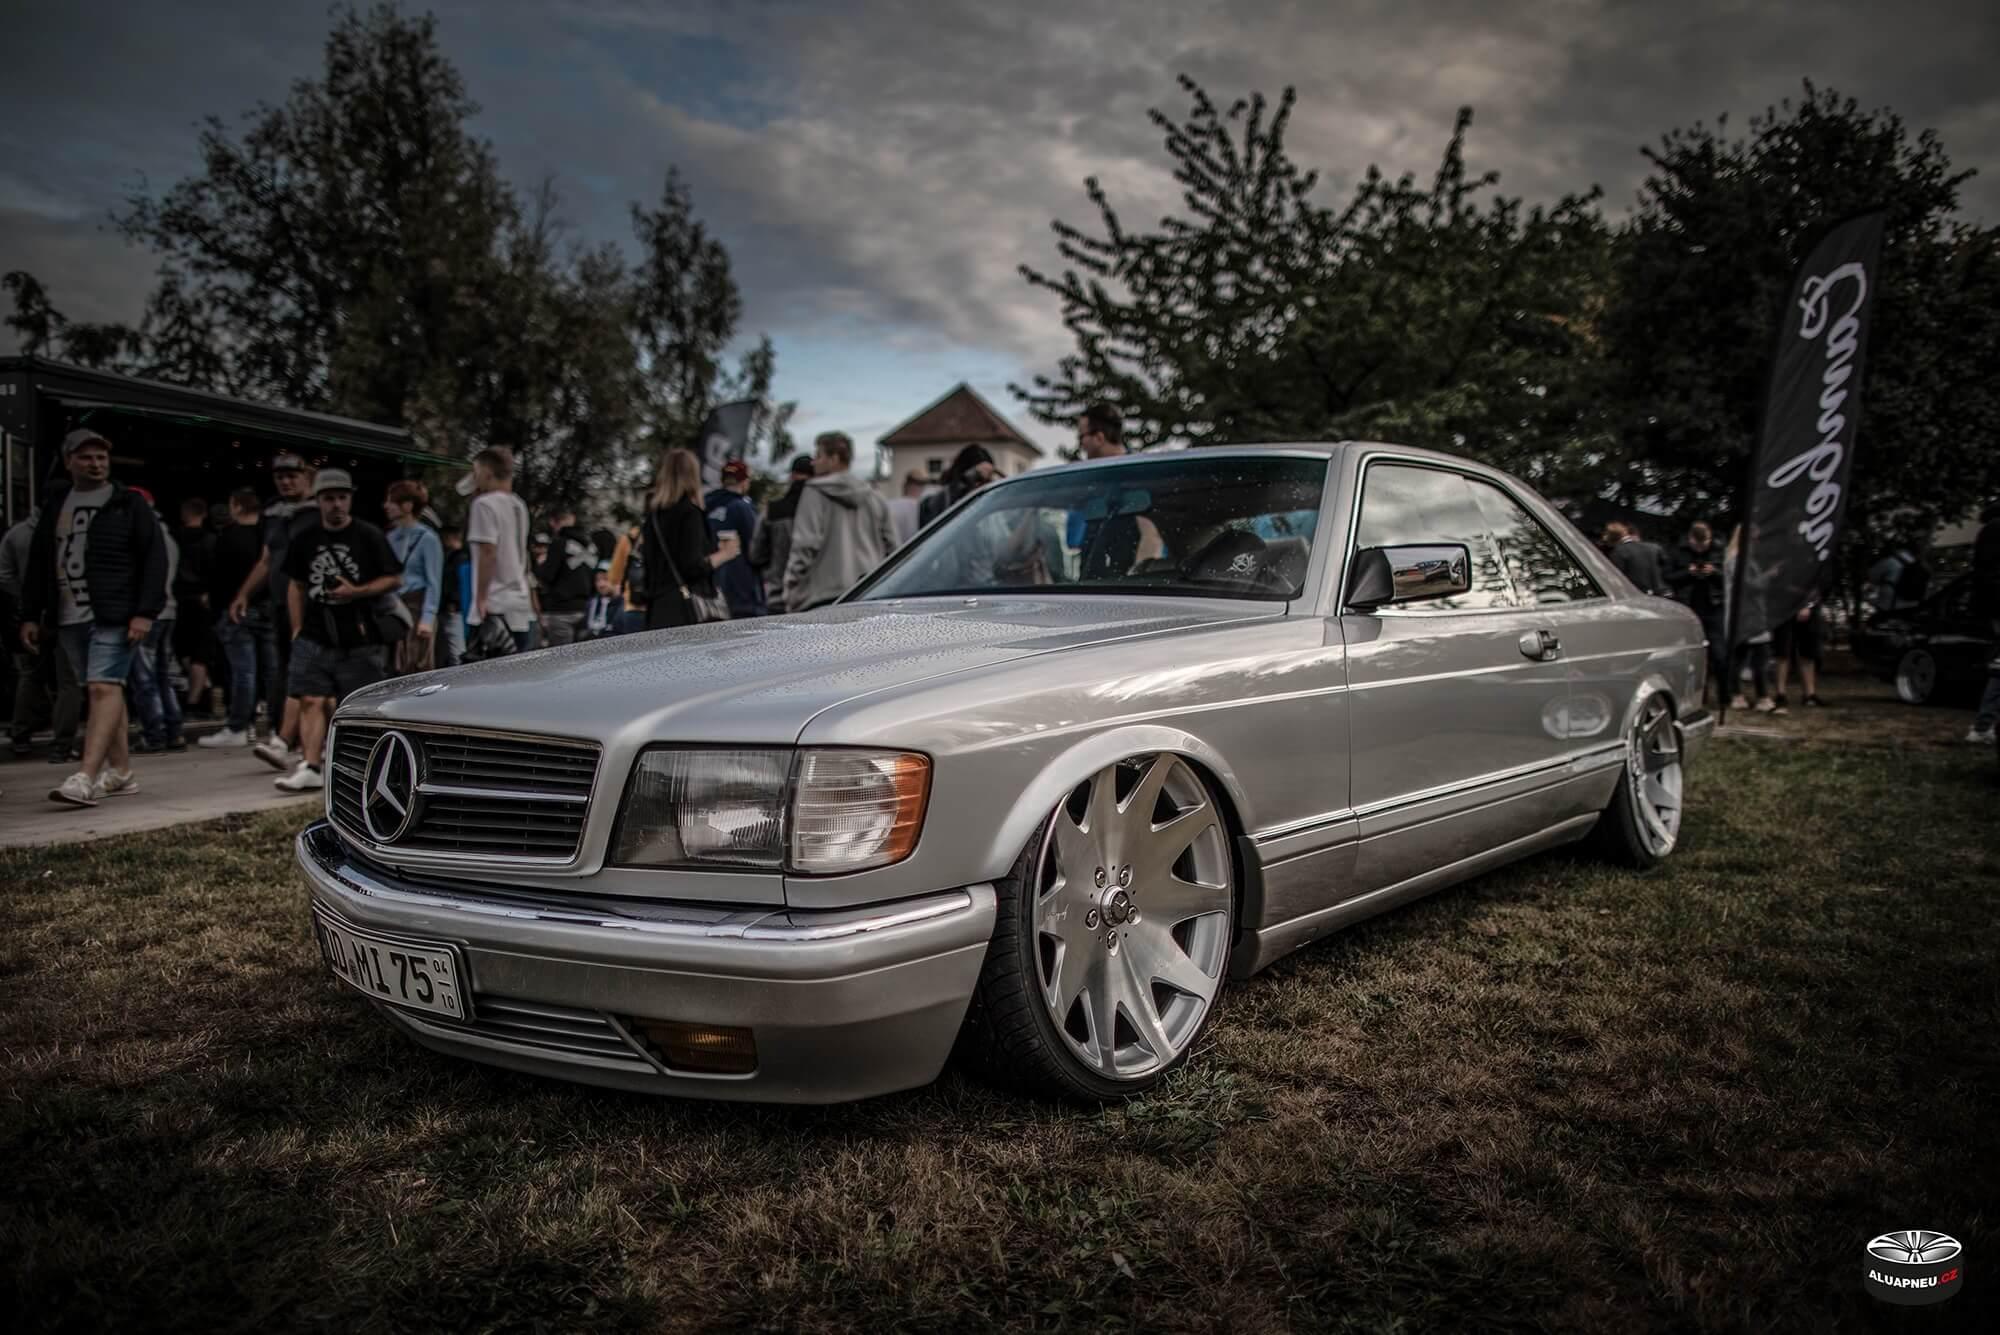 Leštěná alu kola Mercedes Benz Sec c126 - XS Classic Carnight 5.0 - Drážďany tuning sraz 2019 - www.aluapneu.cz